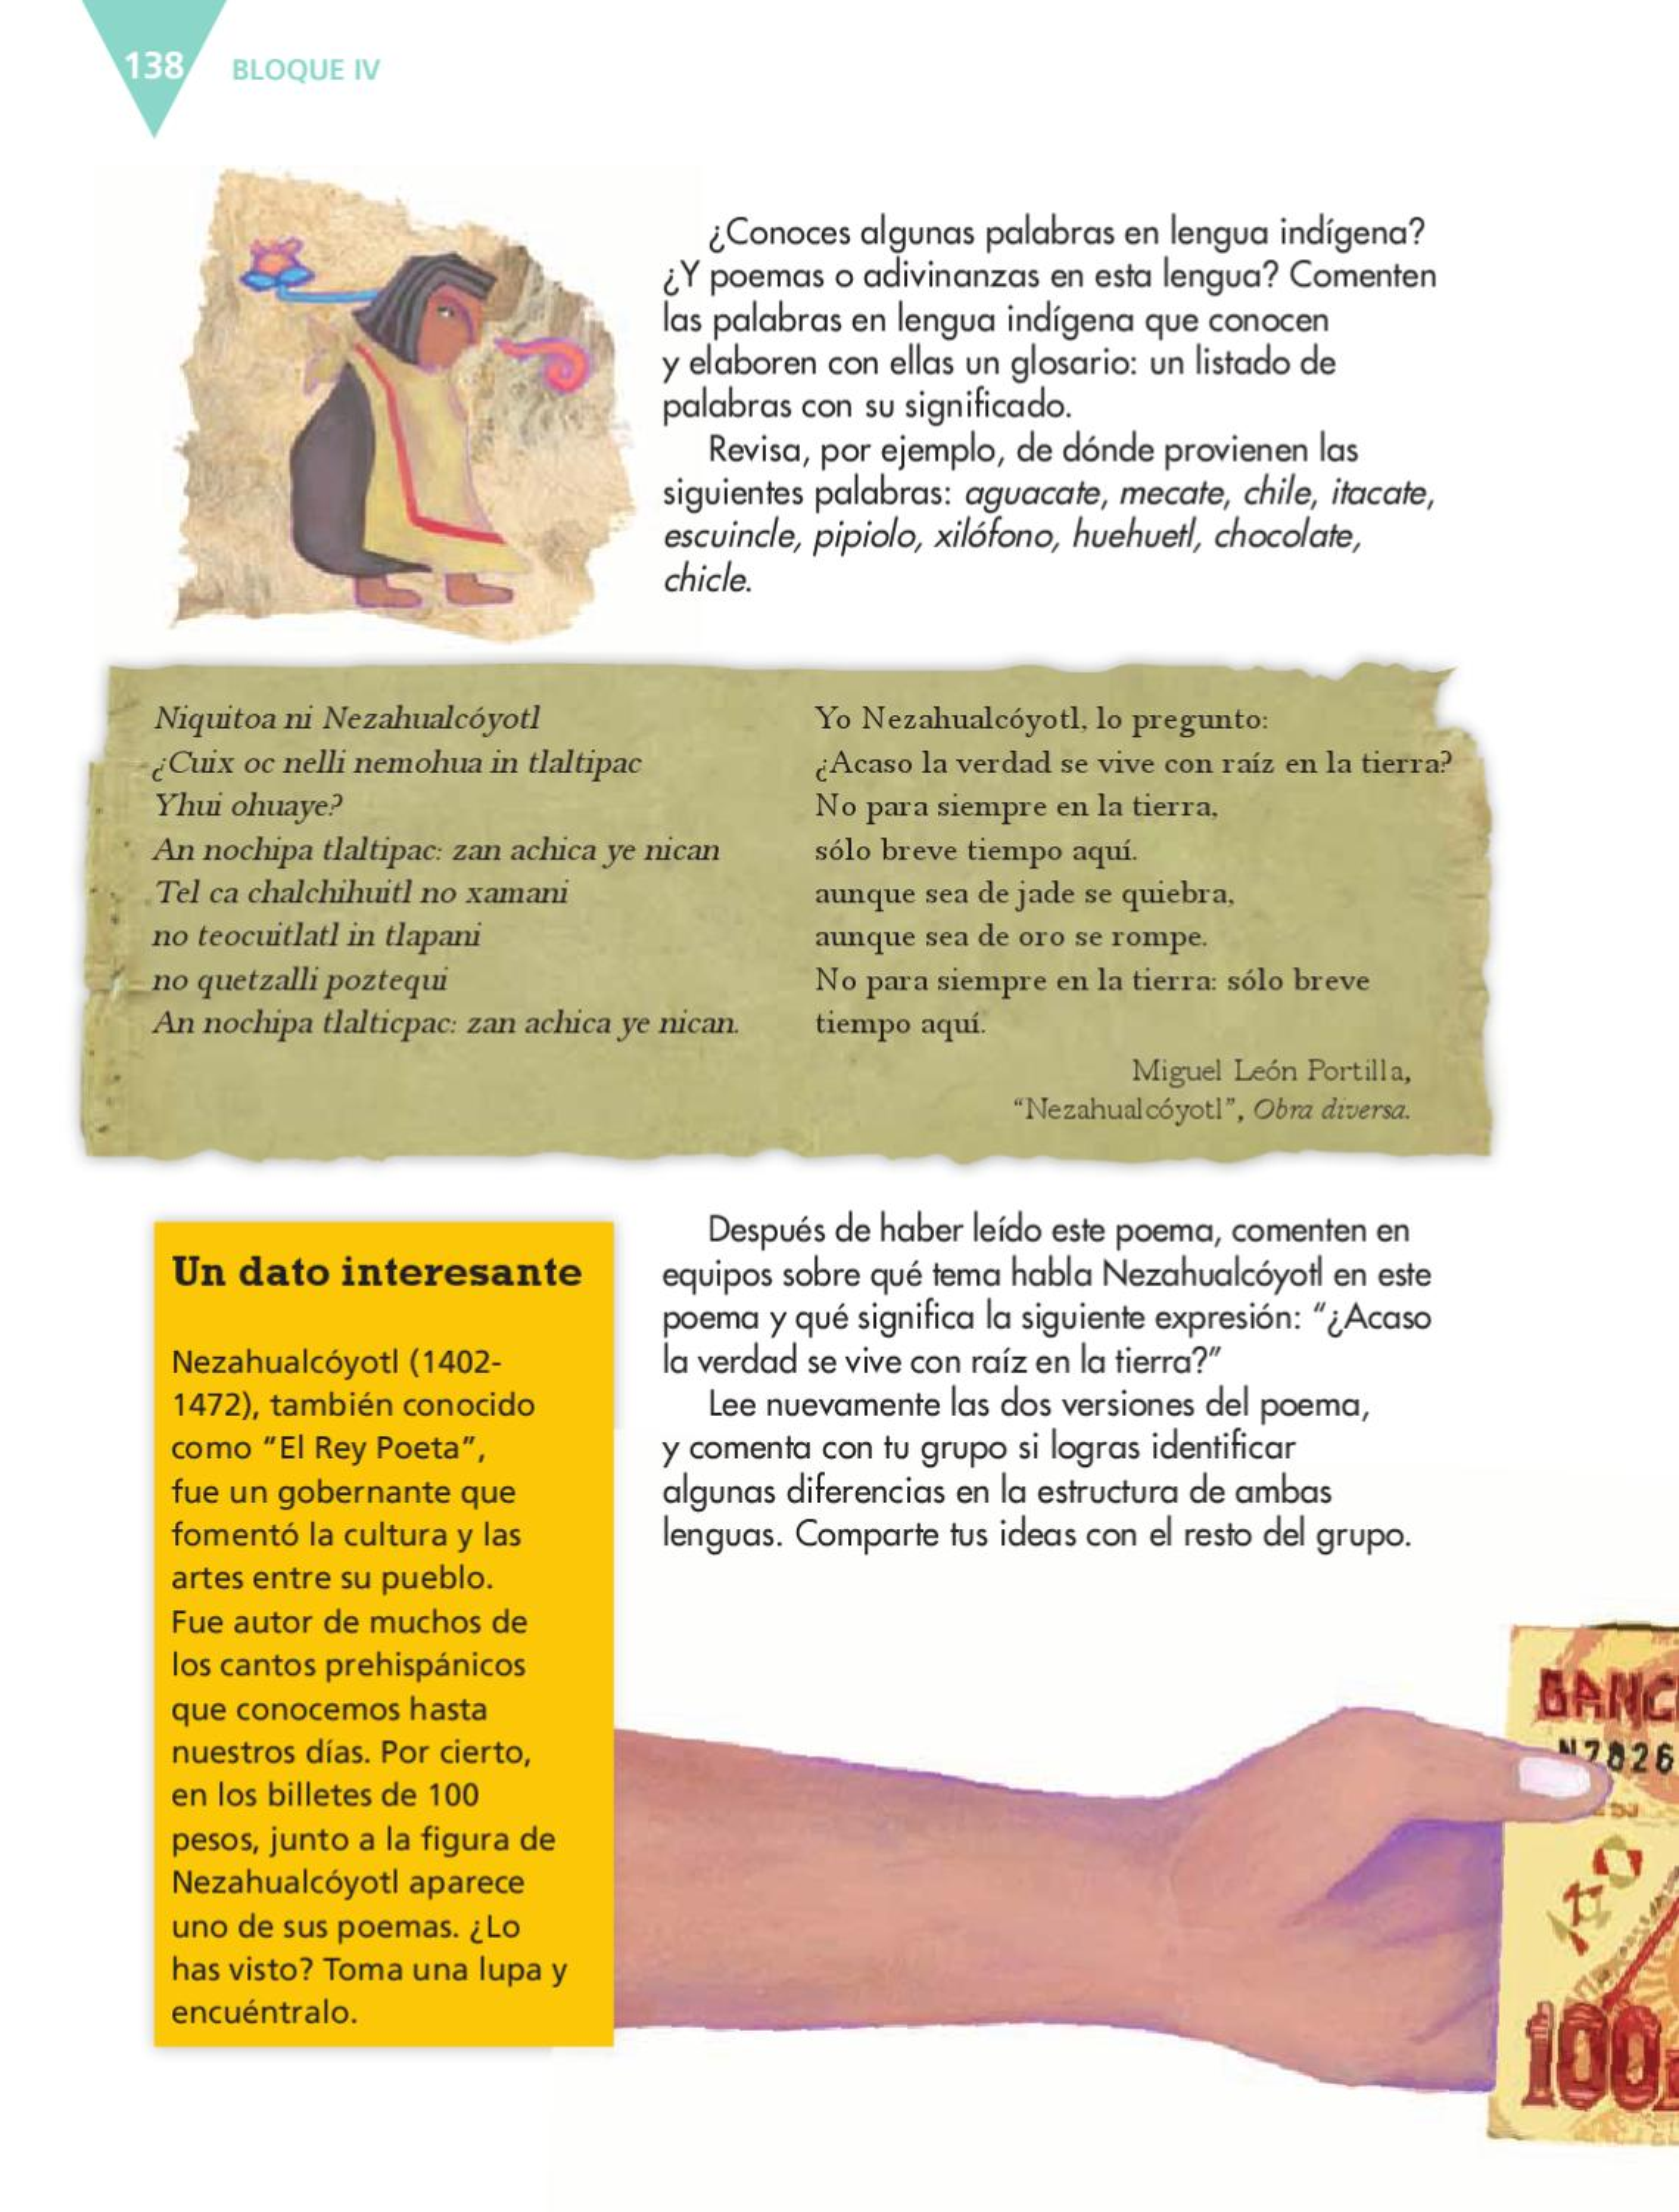 Espa ol 6to grado by rar muri page 140 issuu for De que lengua proviene la palabra jardin